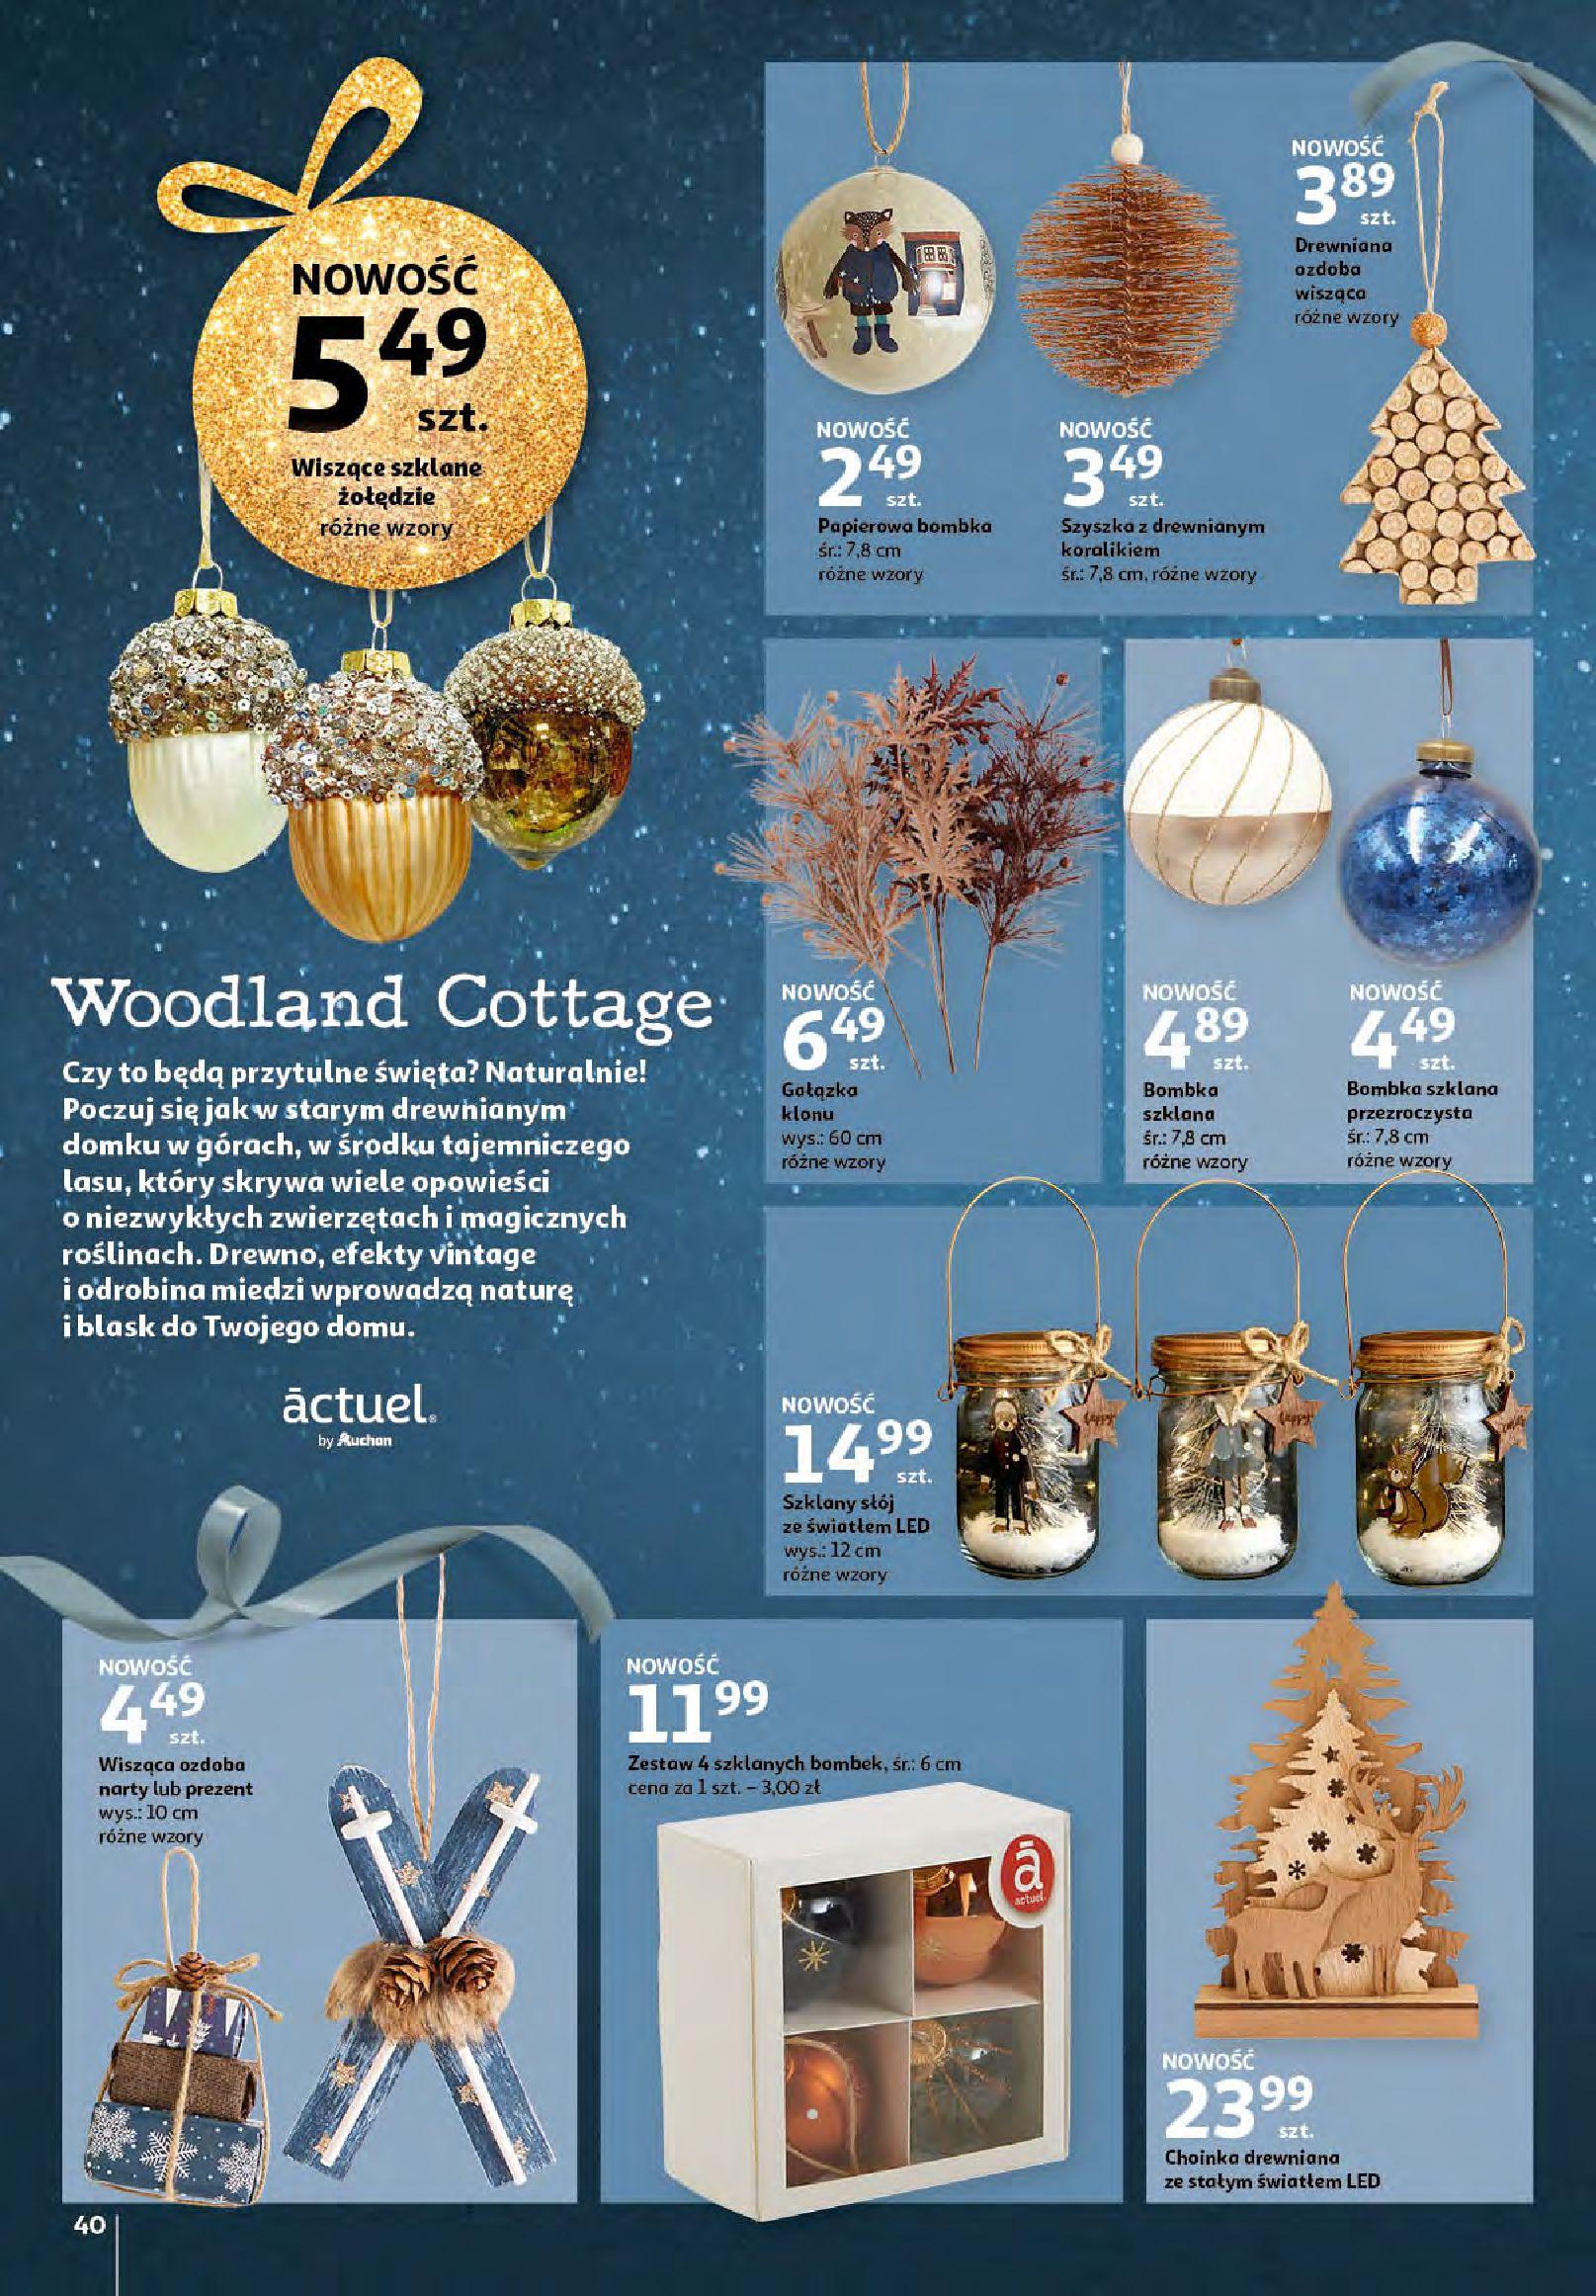 Gazetka Auchan - Magia zabawek i świątecznych ozdób-11.11.2020-25.11.2020-page-40